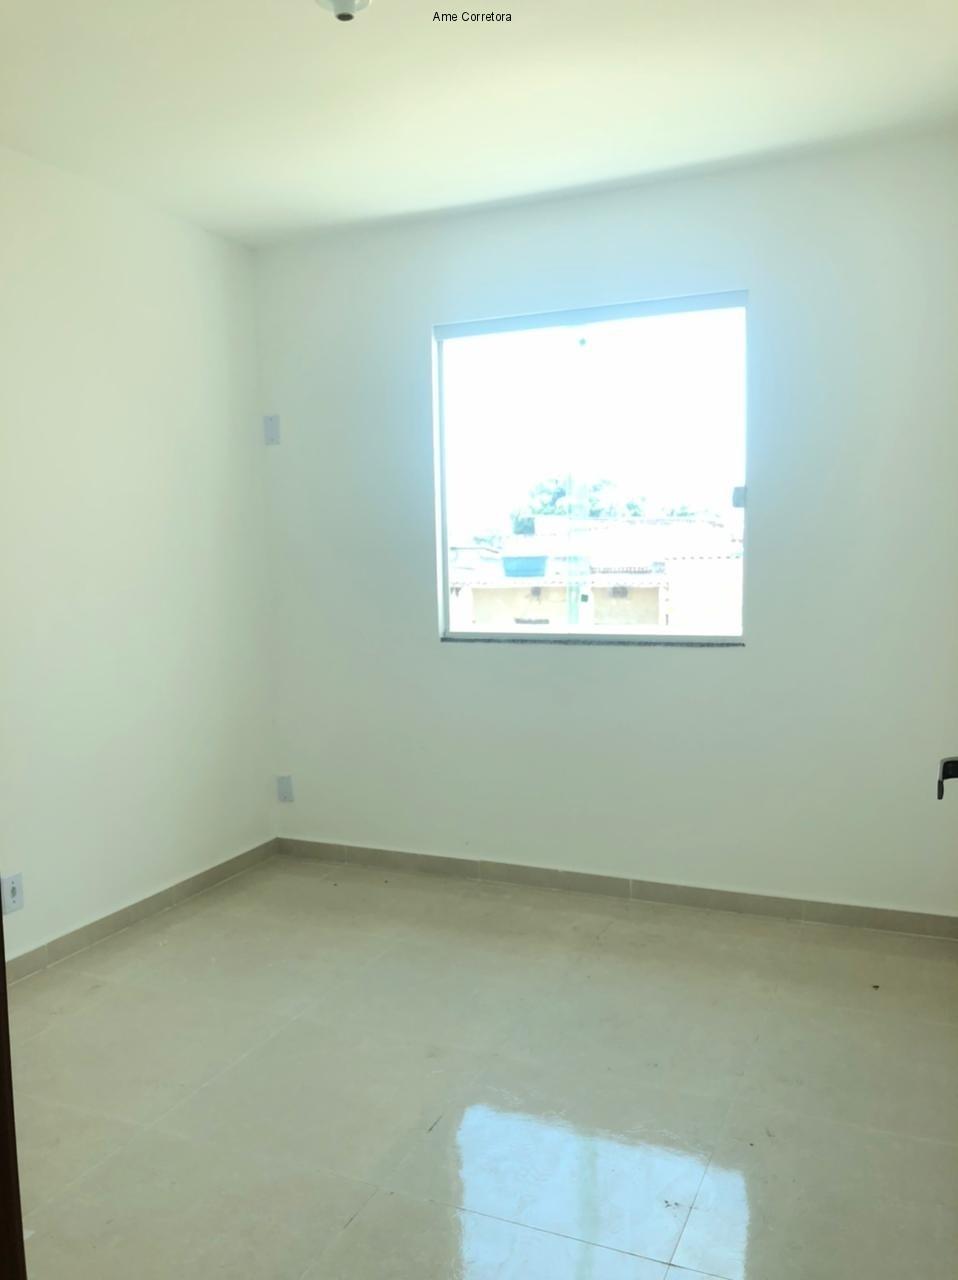 FOTO 05 - Casa 2 quartos à venda Rio de Janeiro,RJ - R$ 220.000 - CA00841 - 6